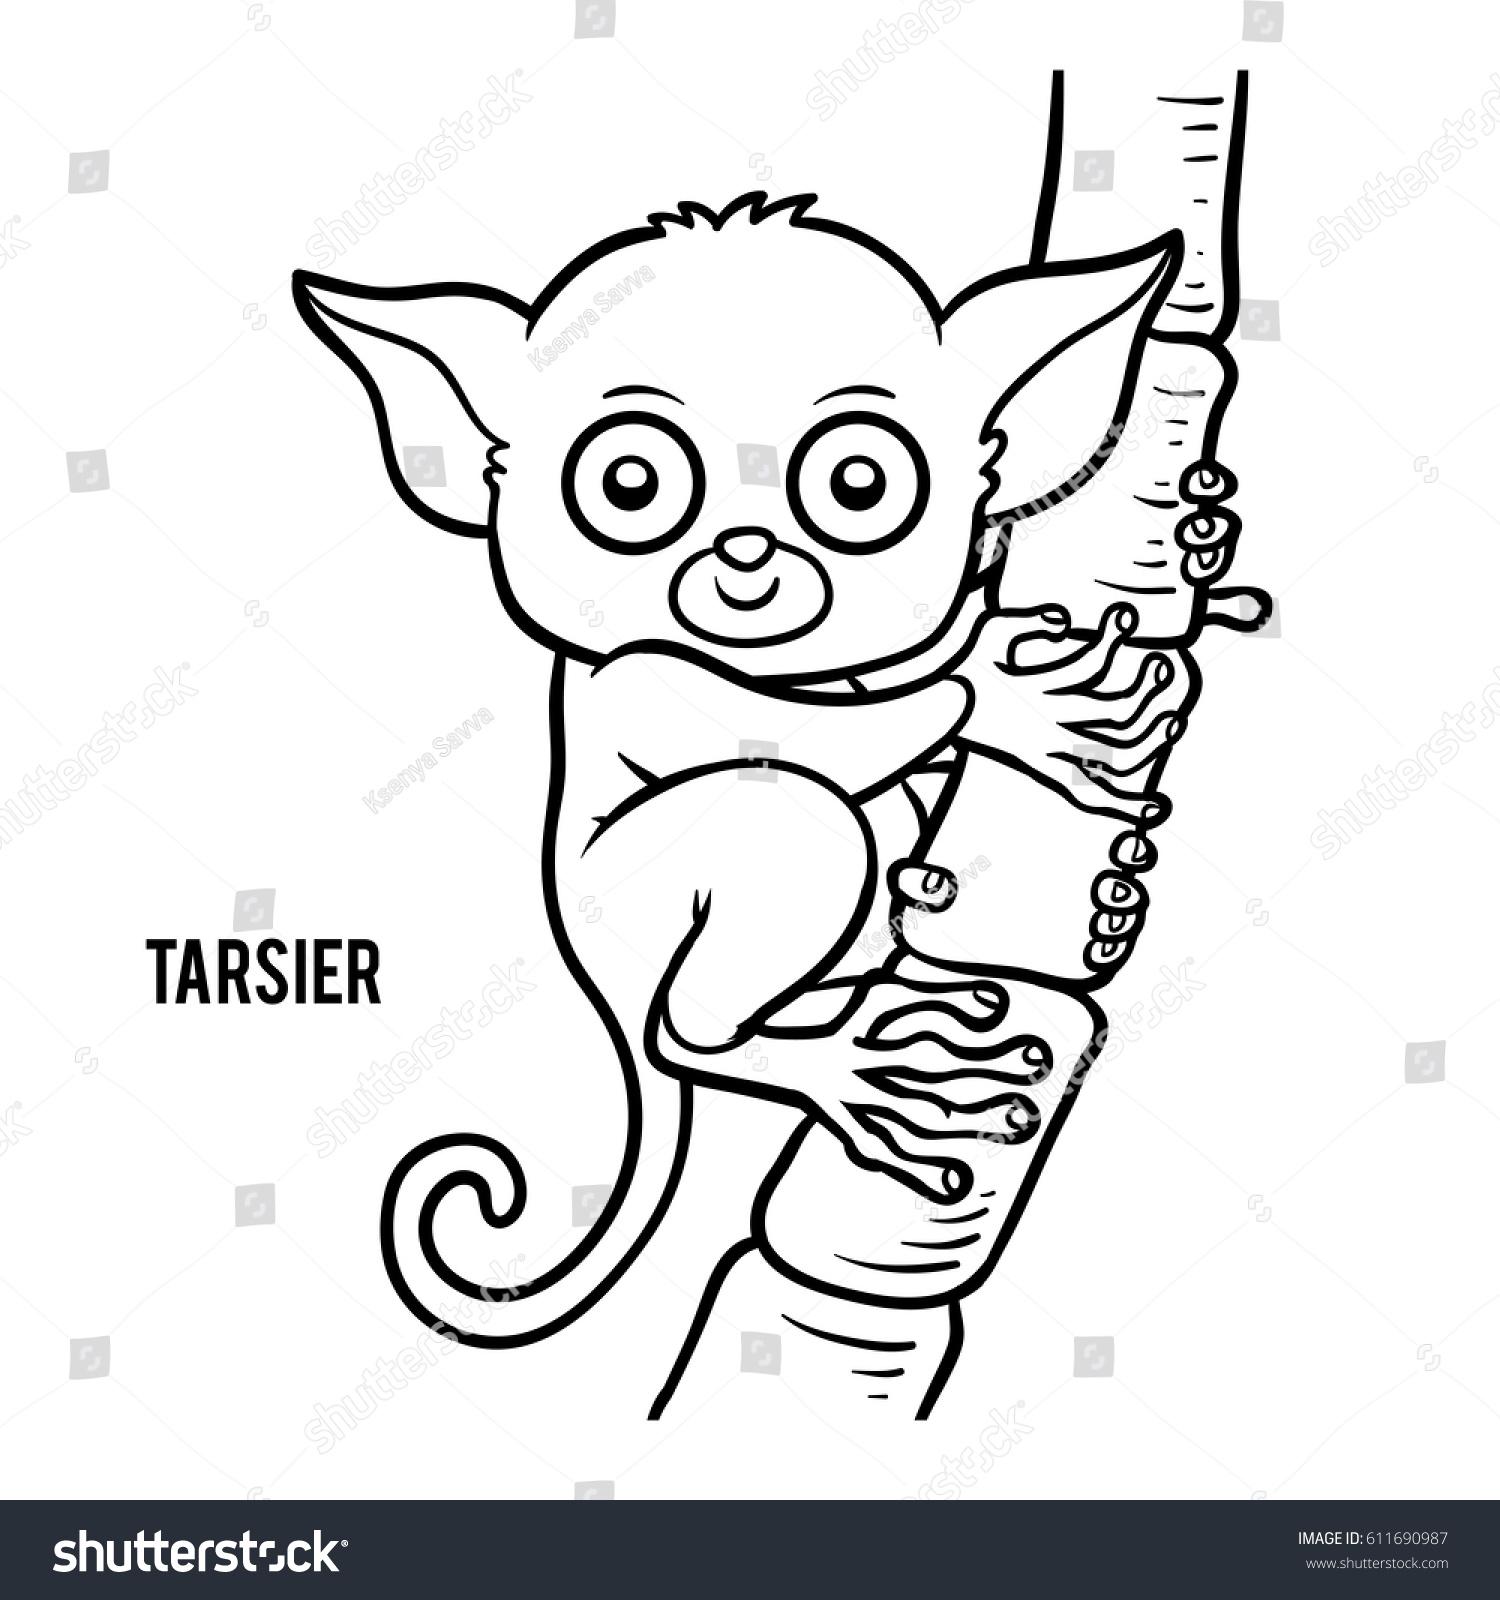 Coloring Book Children Tarsier Stock Vector